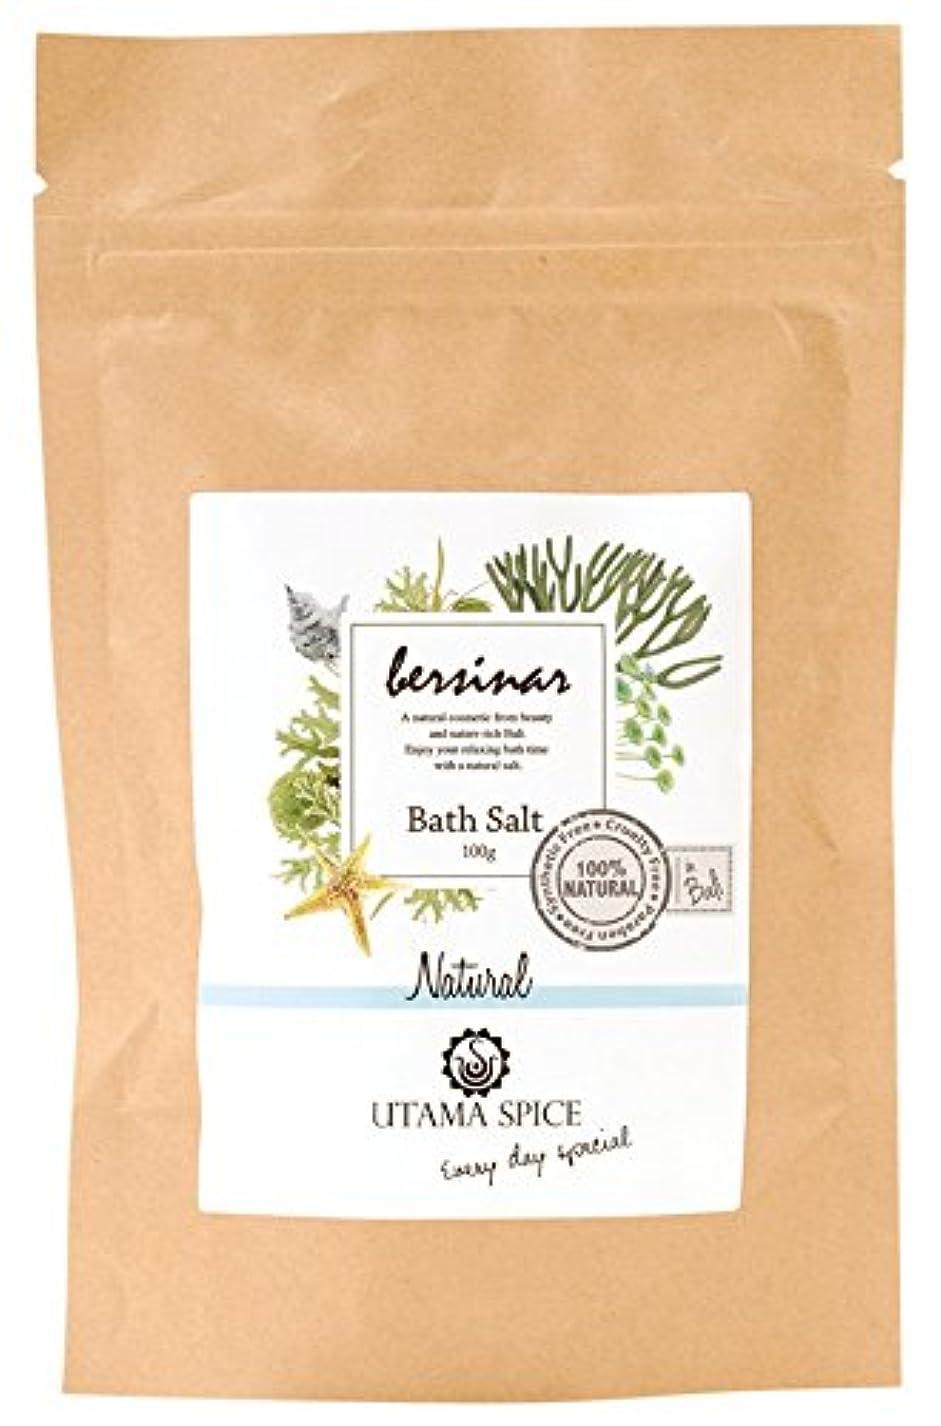 塊慢性的北へウタマスパイス 入浴剤 バスソルト ベルシナル 無香料 100g 2回分 OB-UTS-1-1